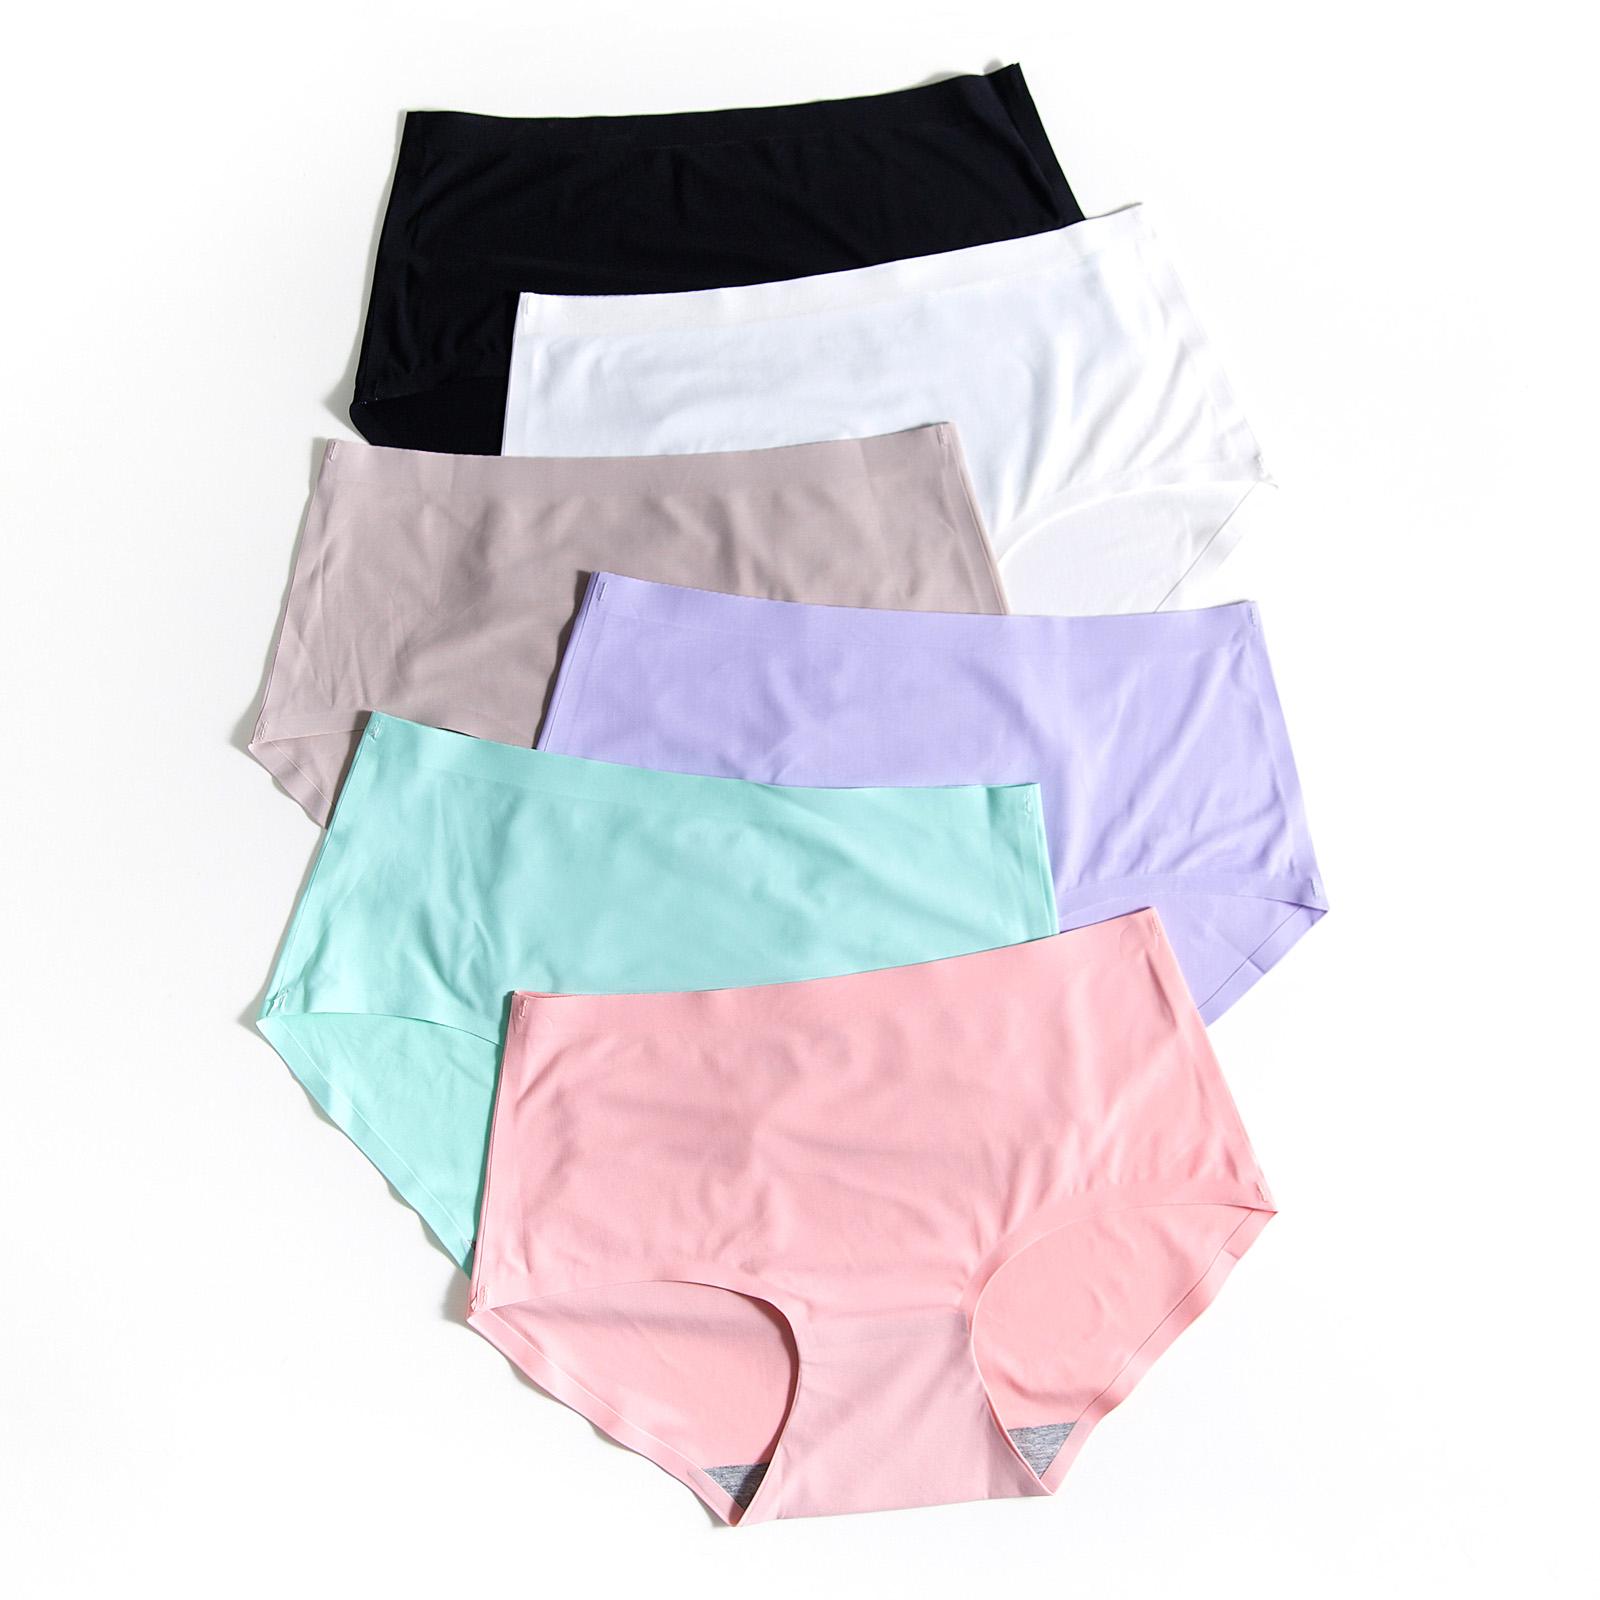 (用5元券)内裤少女士冰丝款无痕一片式夏季超薄款透气可爱中腰夏天抗菌平角